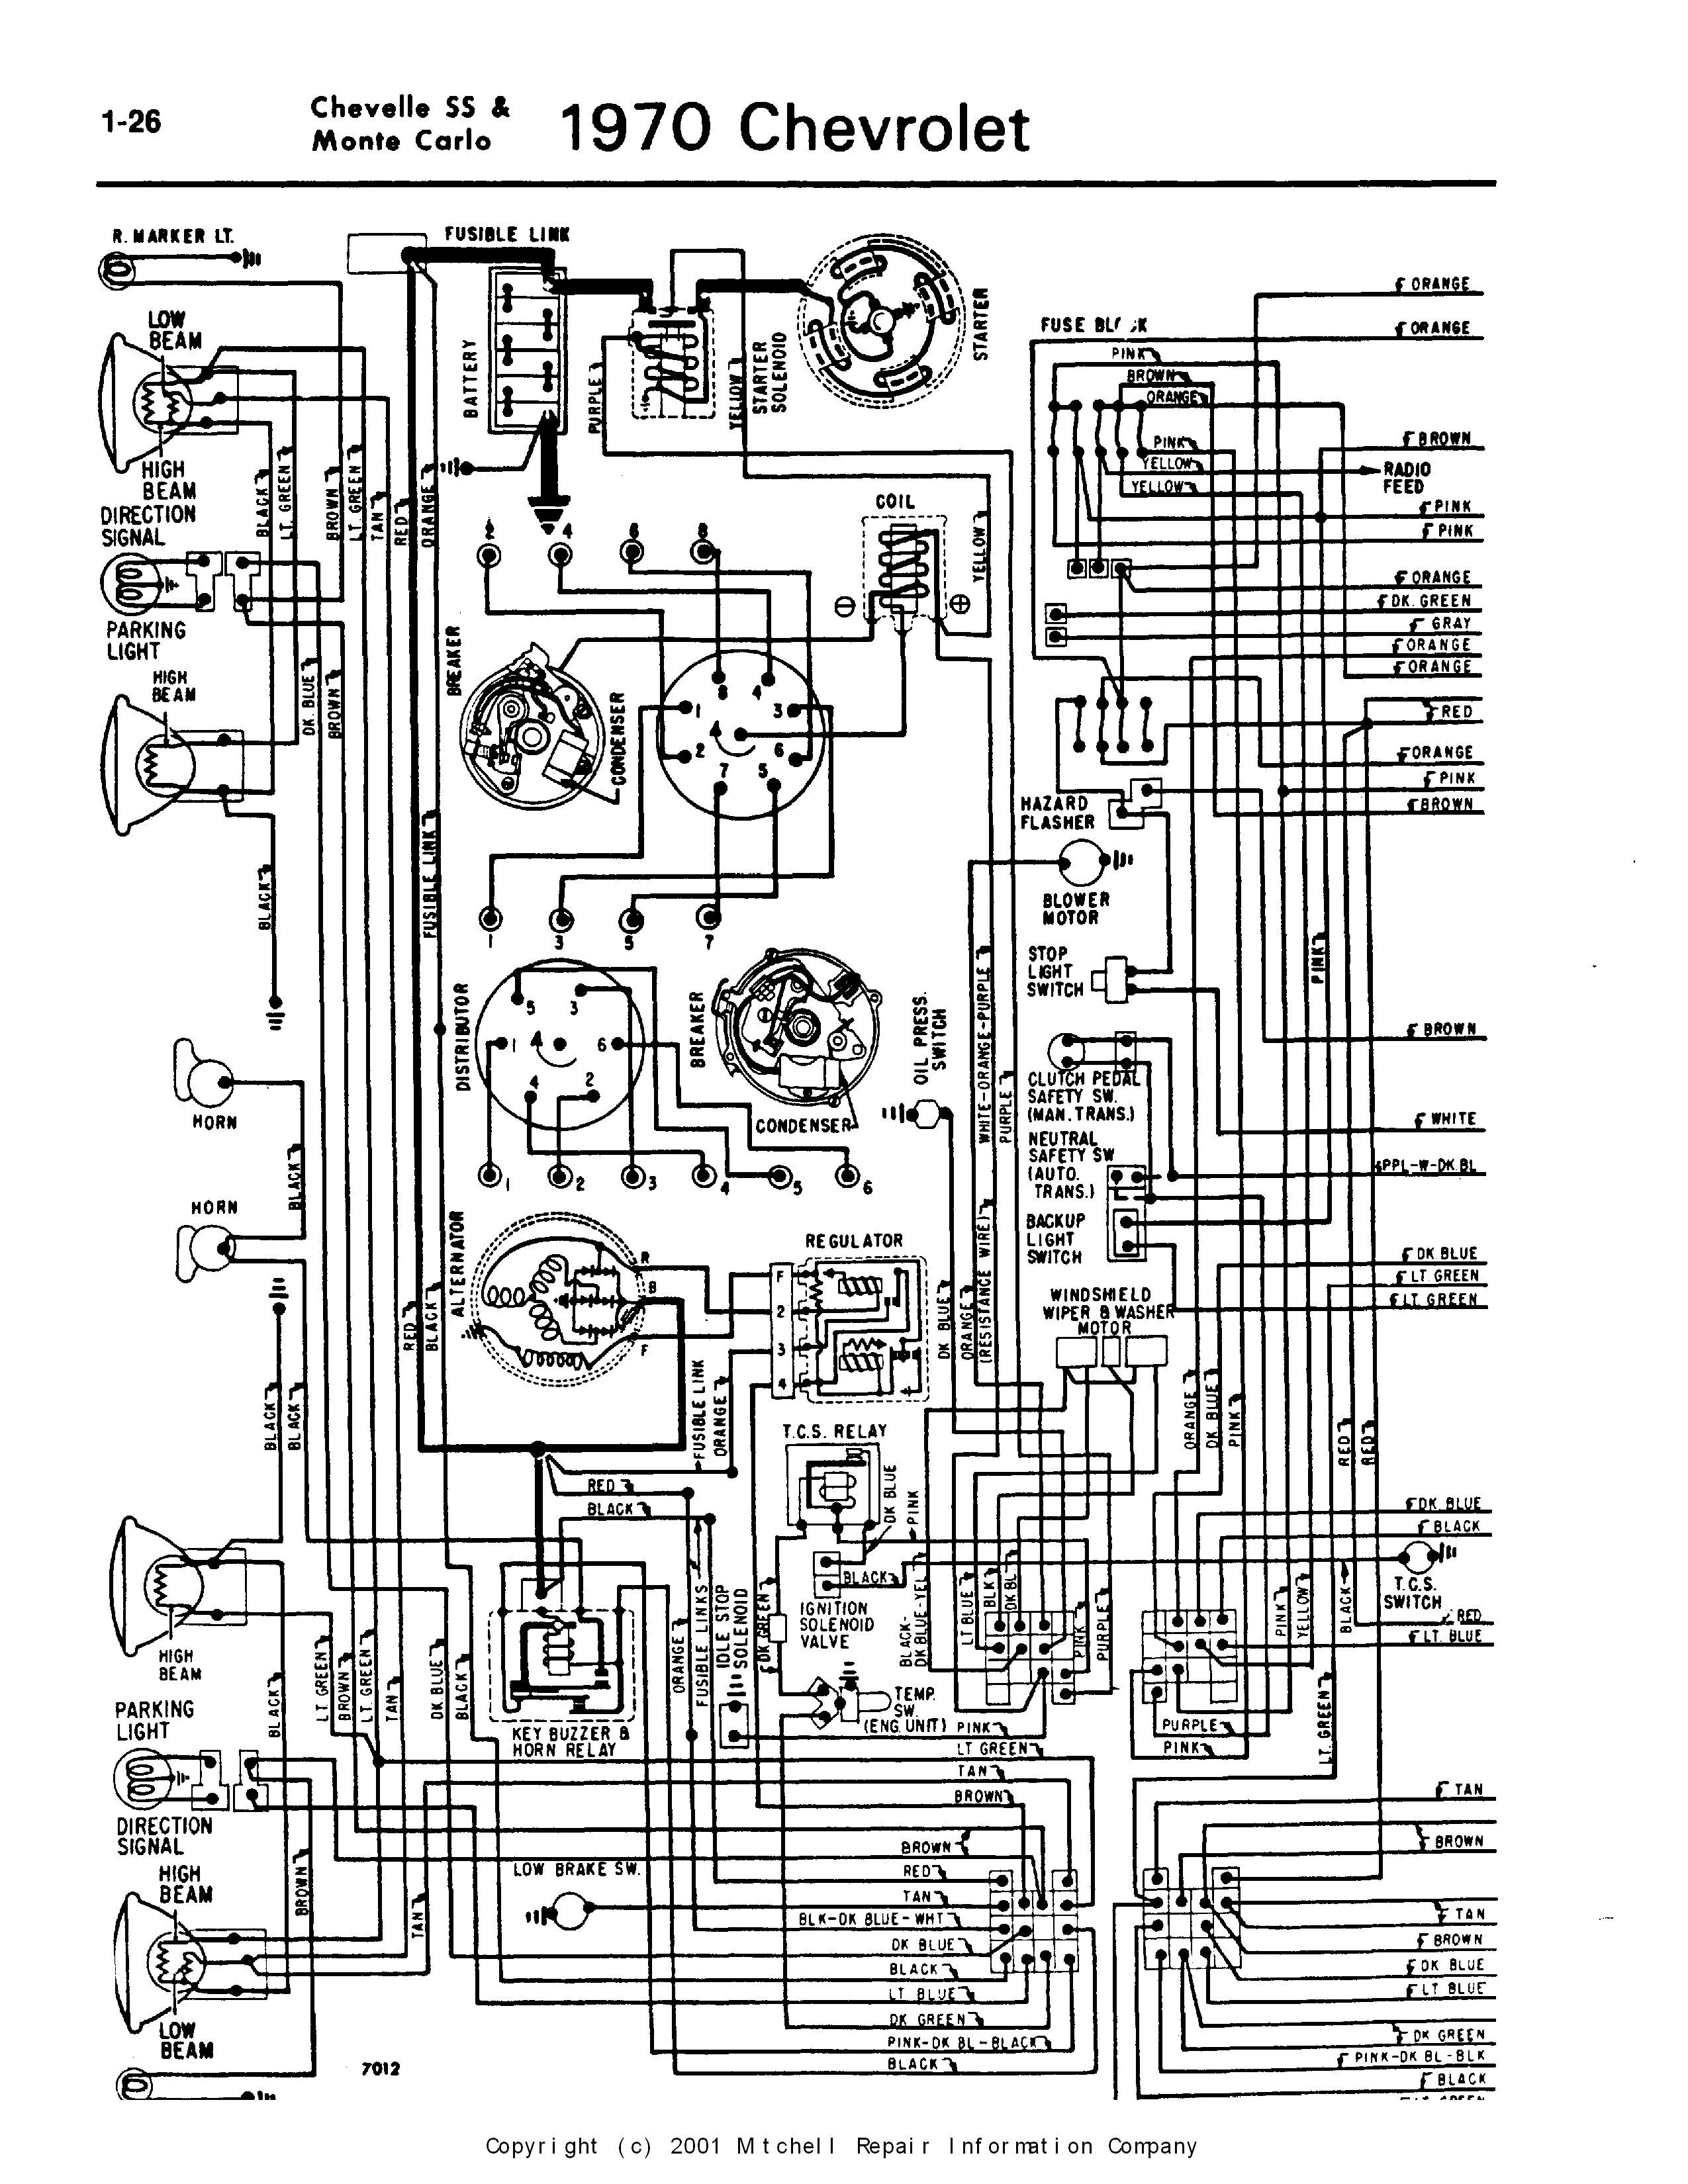 [FPWZ_2684]  1966 Chevelle Wiring Diagram Online | Wiring Diagram | 1966 Chevelle Fuse Box |  | Wiring Diagram - Autoscout24